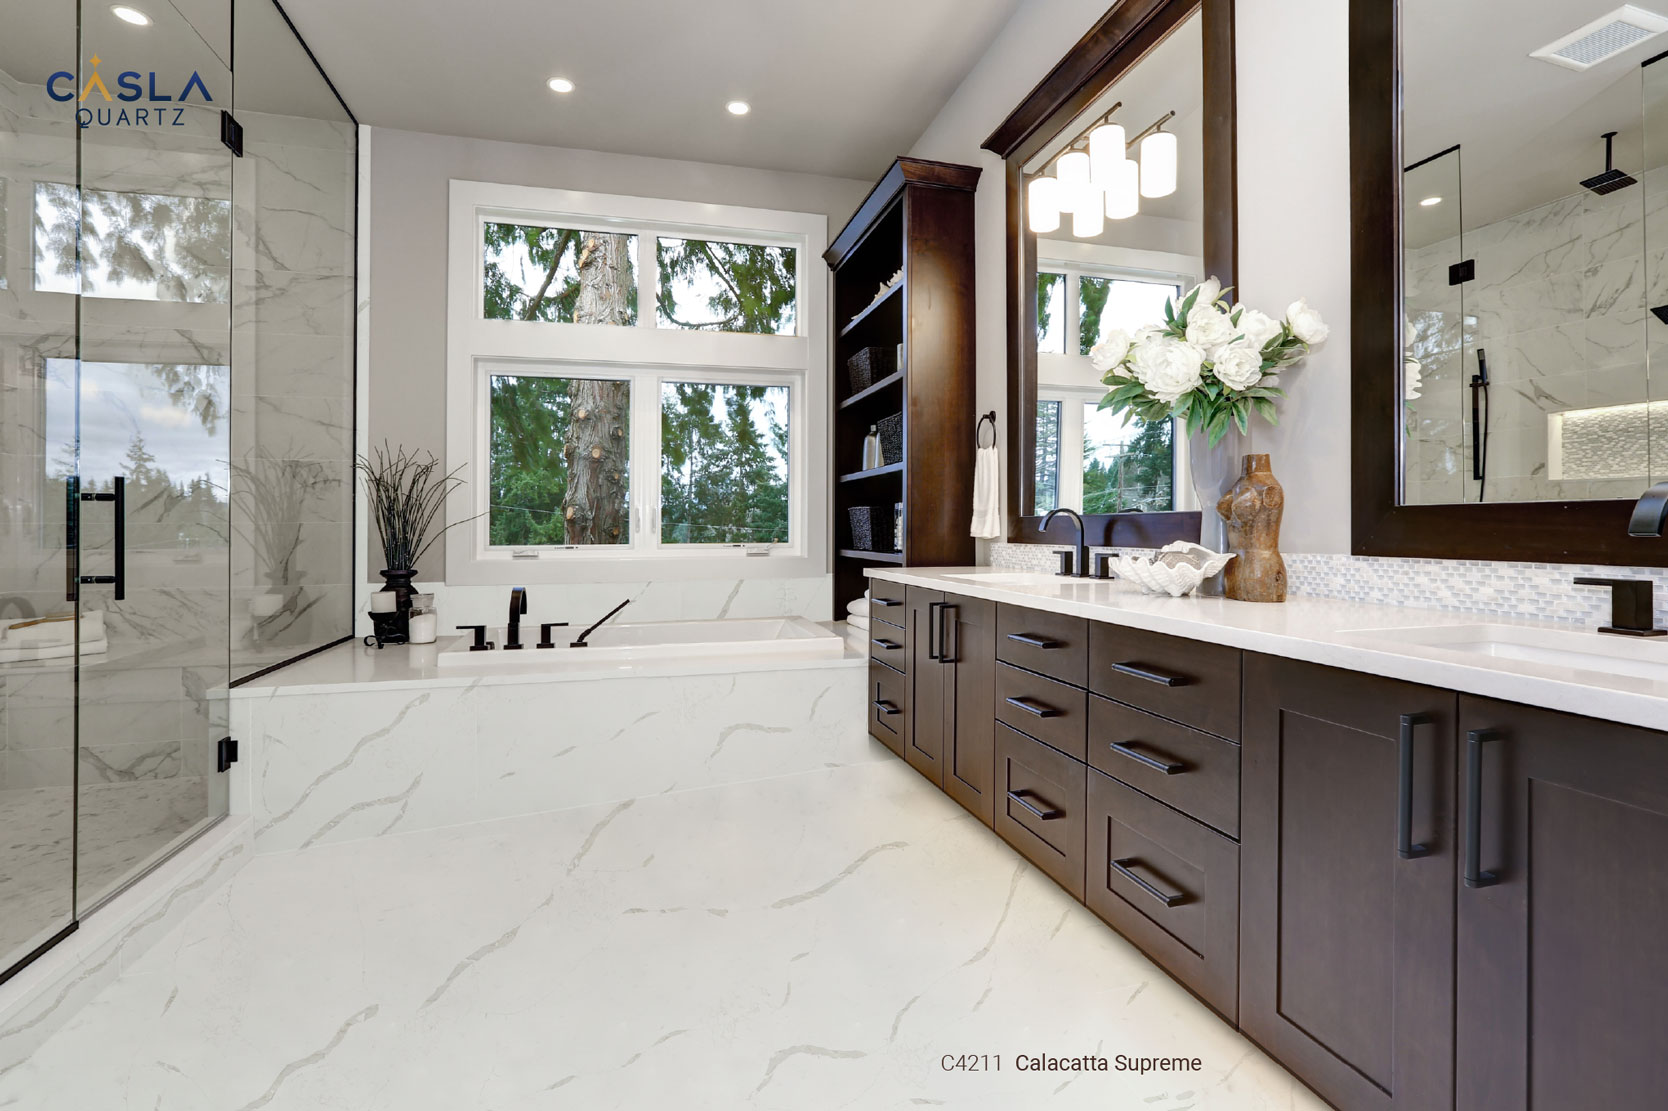 Ứng dụng đá quartz cho phong cách nội thất Tân cổ điển (Neoclassical)